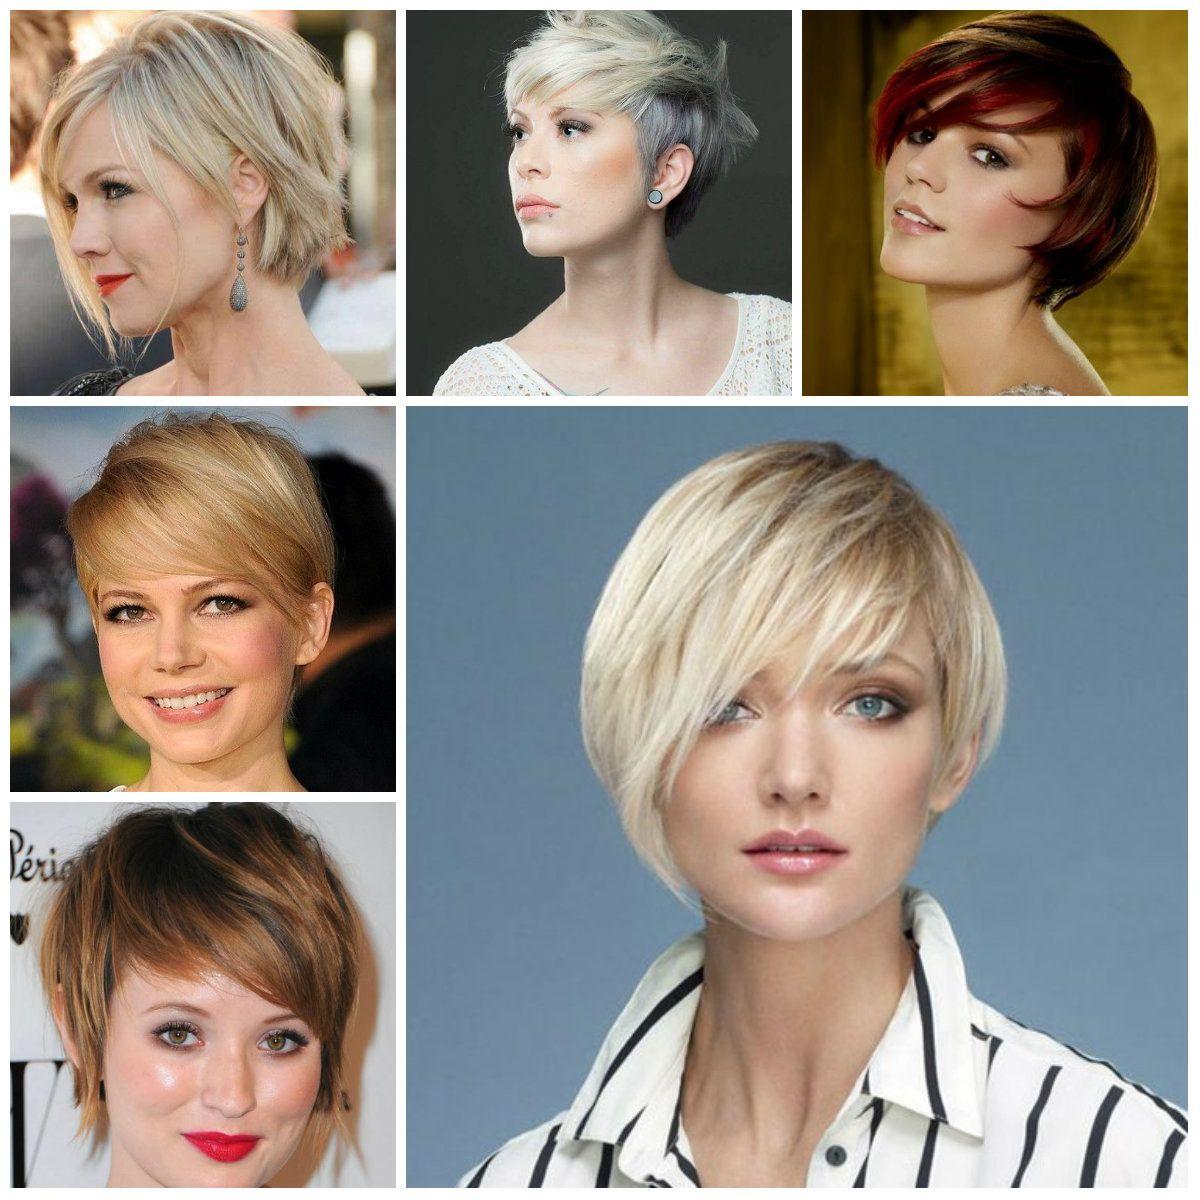 Shorthaircutsforfinehairg  pixels  Hair